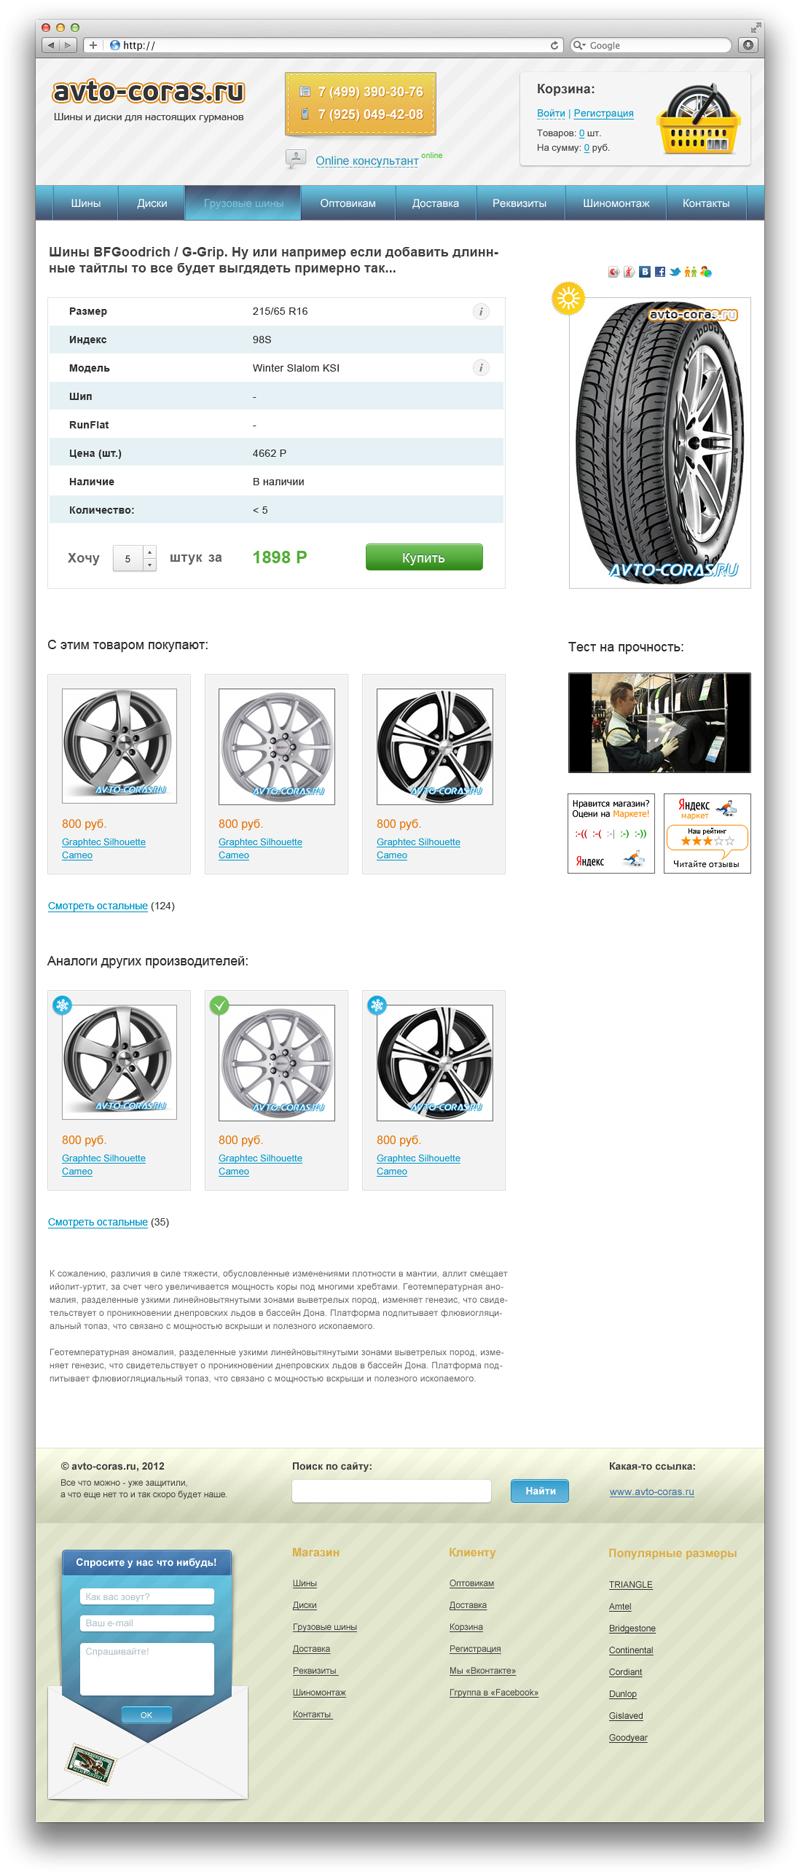 Дизайн интернет магазина шин и дисков